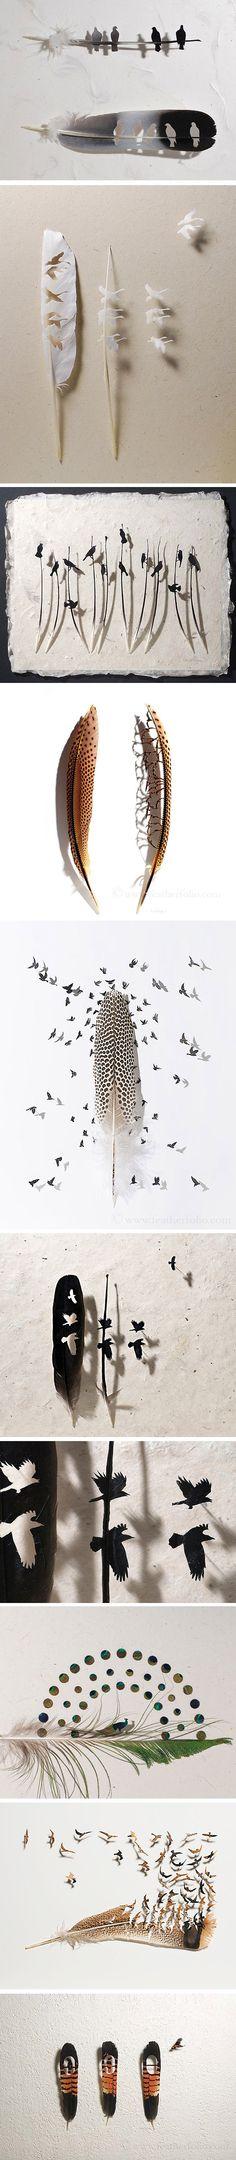 Basé à Washington, Chris Maynard est le roi de la minutie et de la précision. Il réalise des oeuvres à partir de plumes en les découpant pour créer de petits oiseaux. Le rendu est incroyable, car on imagine la difficulté de découper cette matière qu'est la plume, très fragile et pouvant se désagréger fa